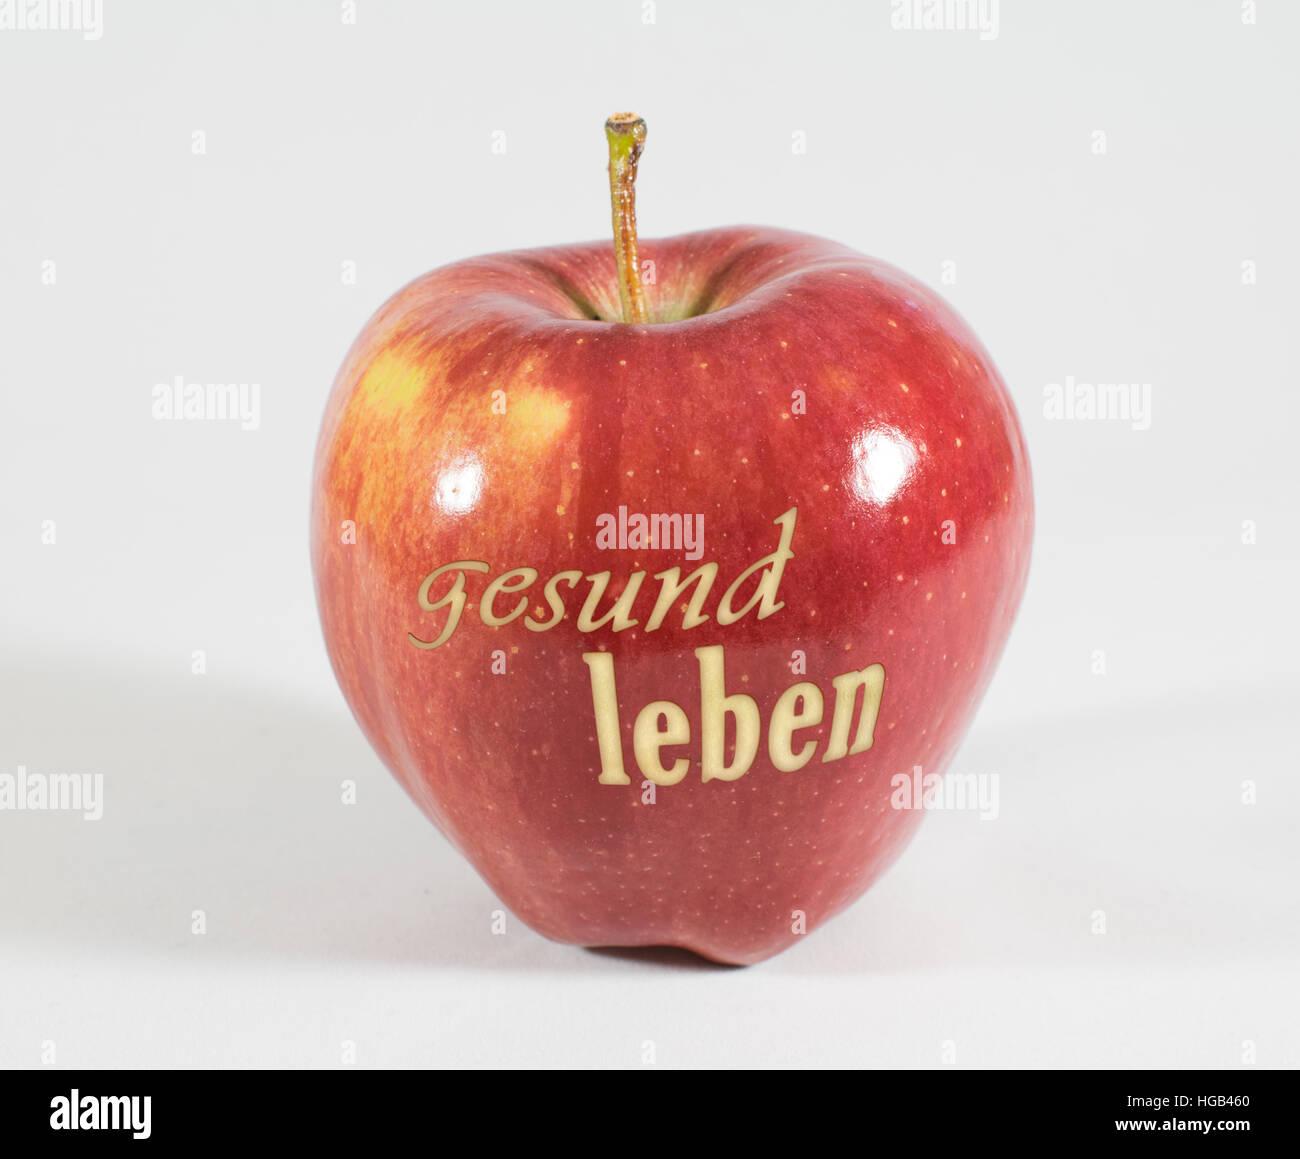 1 frische rote Apfel mit den Worten - lebe gesund - in deutscher Sprache auf einem weißen Hintergrund Stockbild